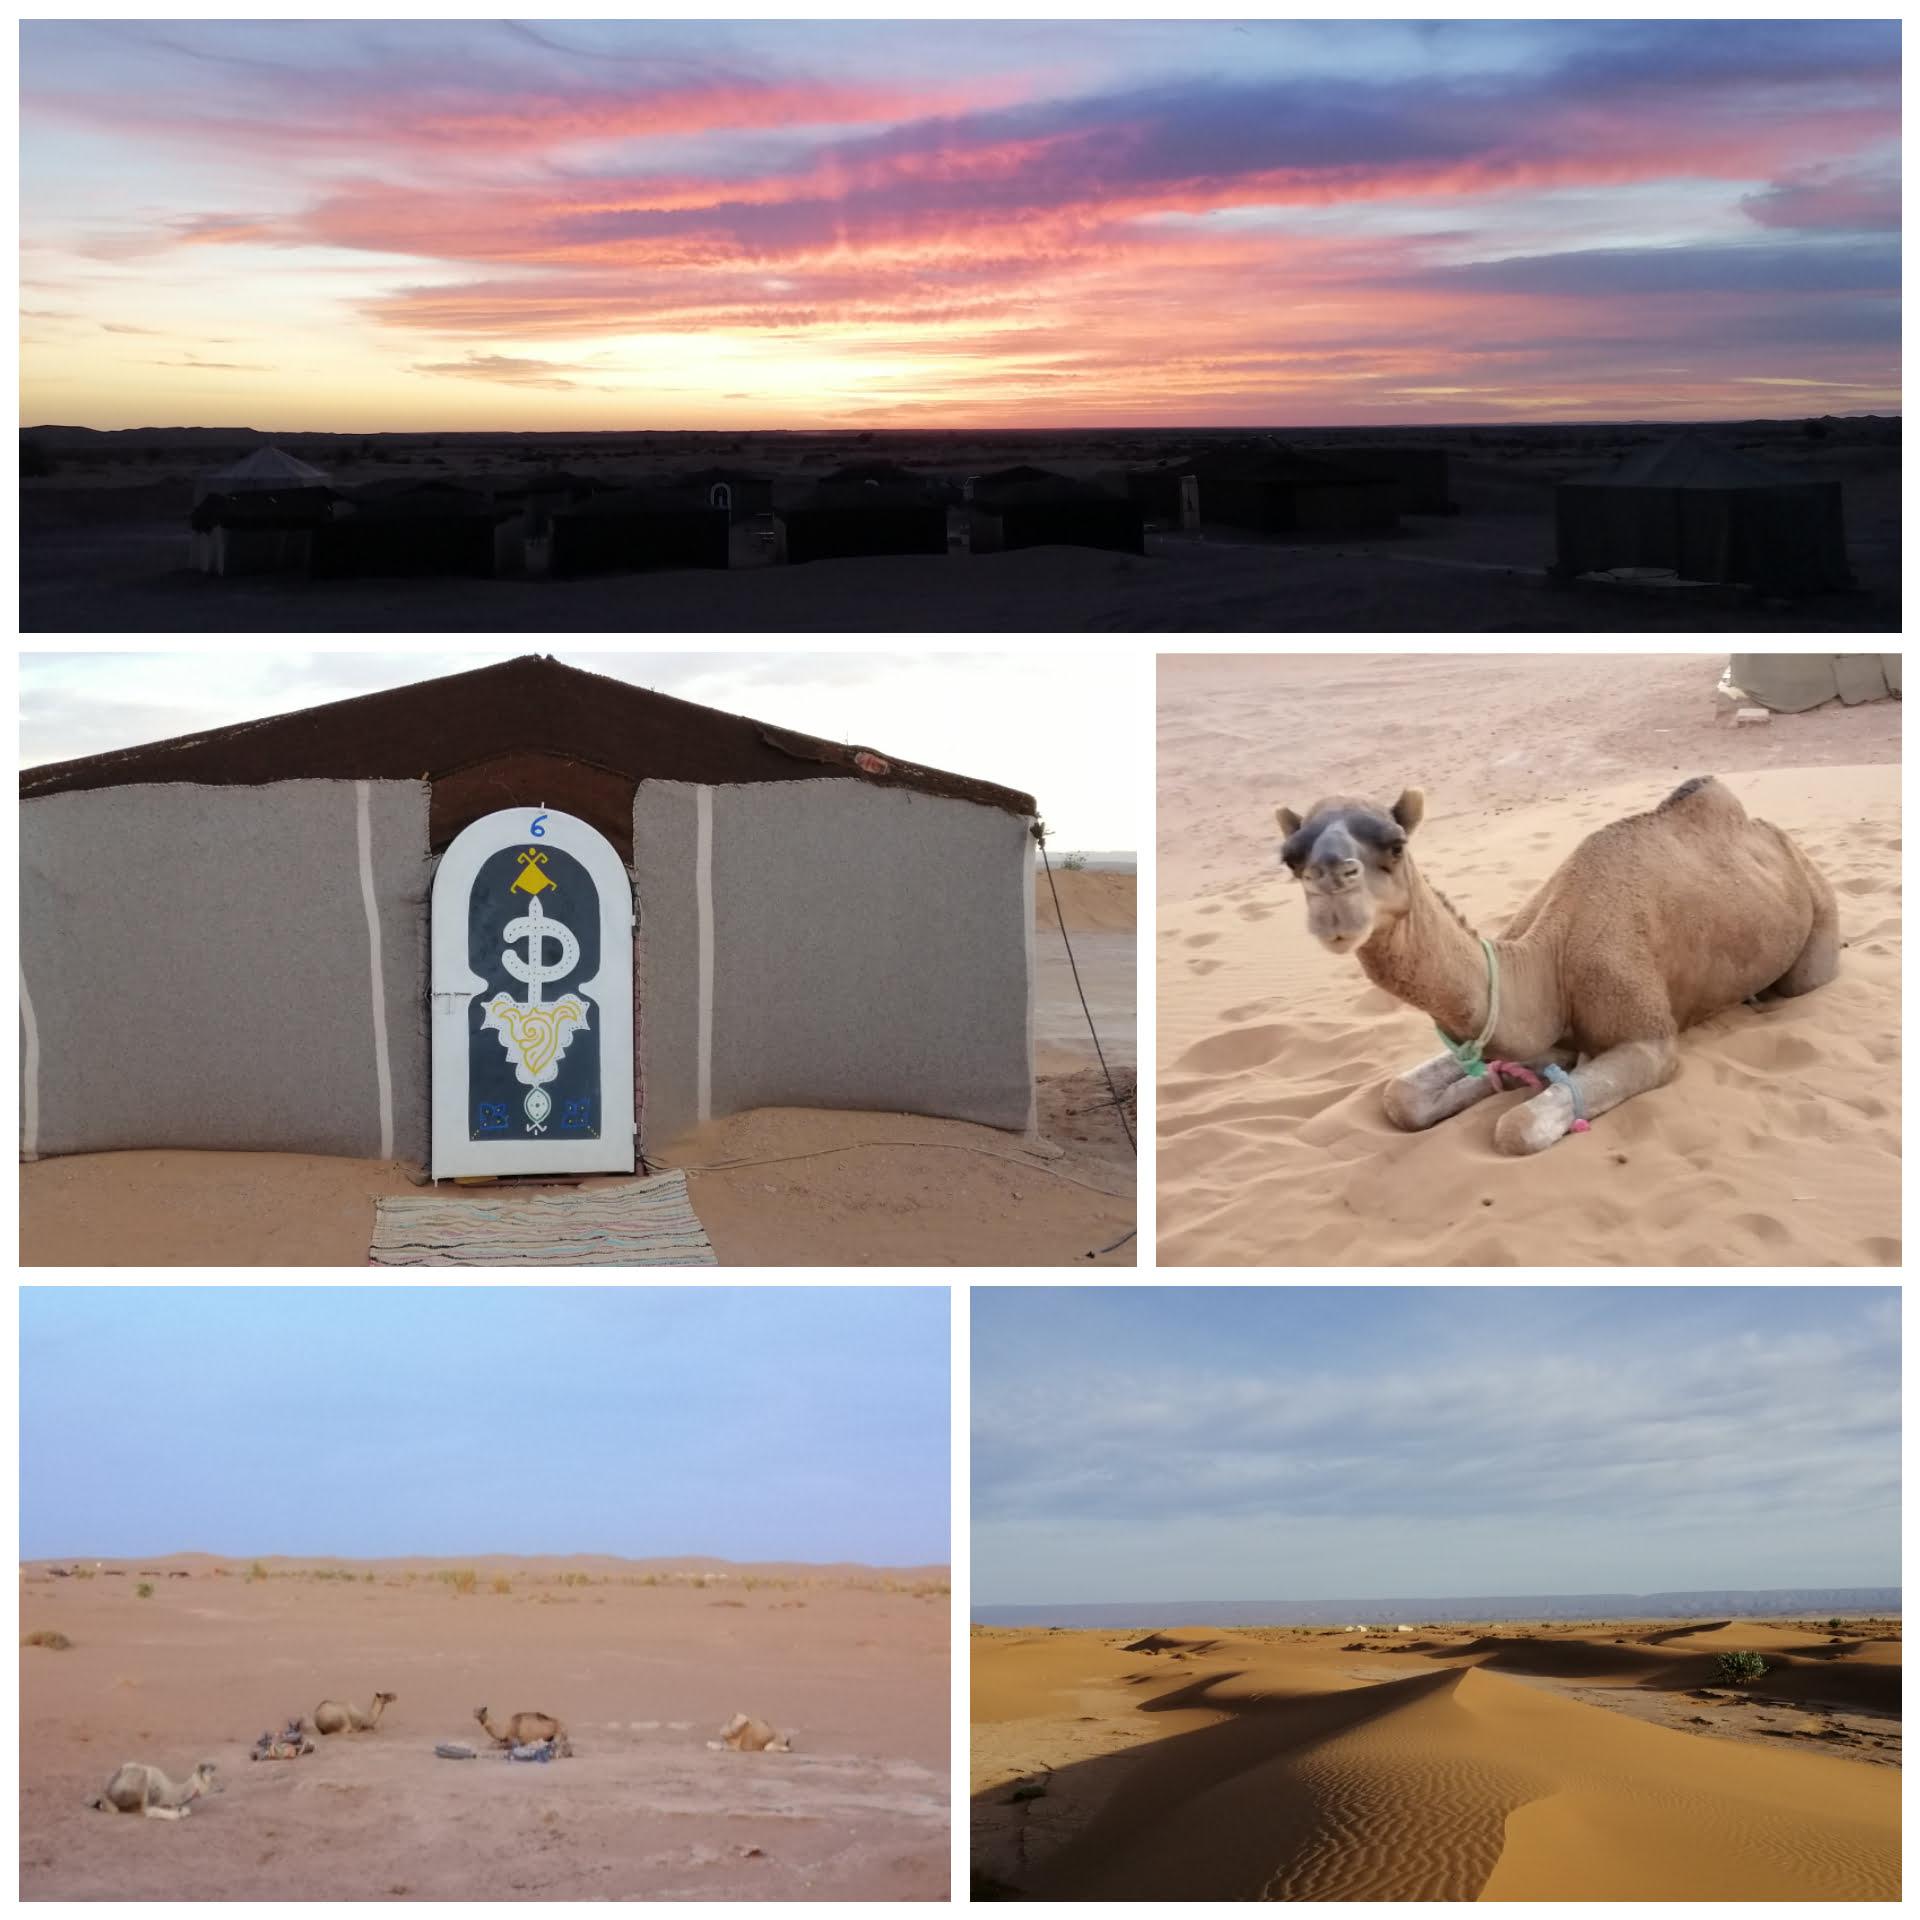 15 au 26 février 2021 : Voyage culturel et de ressourcement dans le désert au Maroc 9